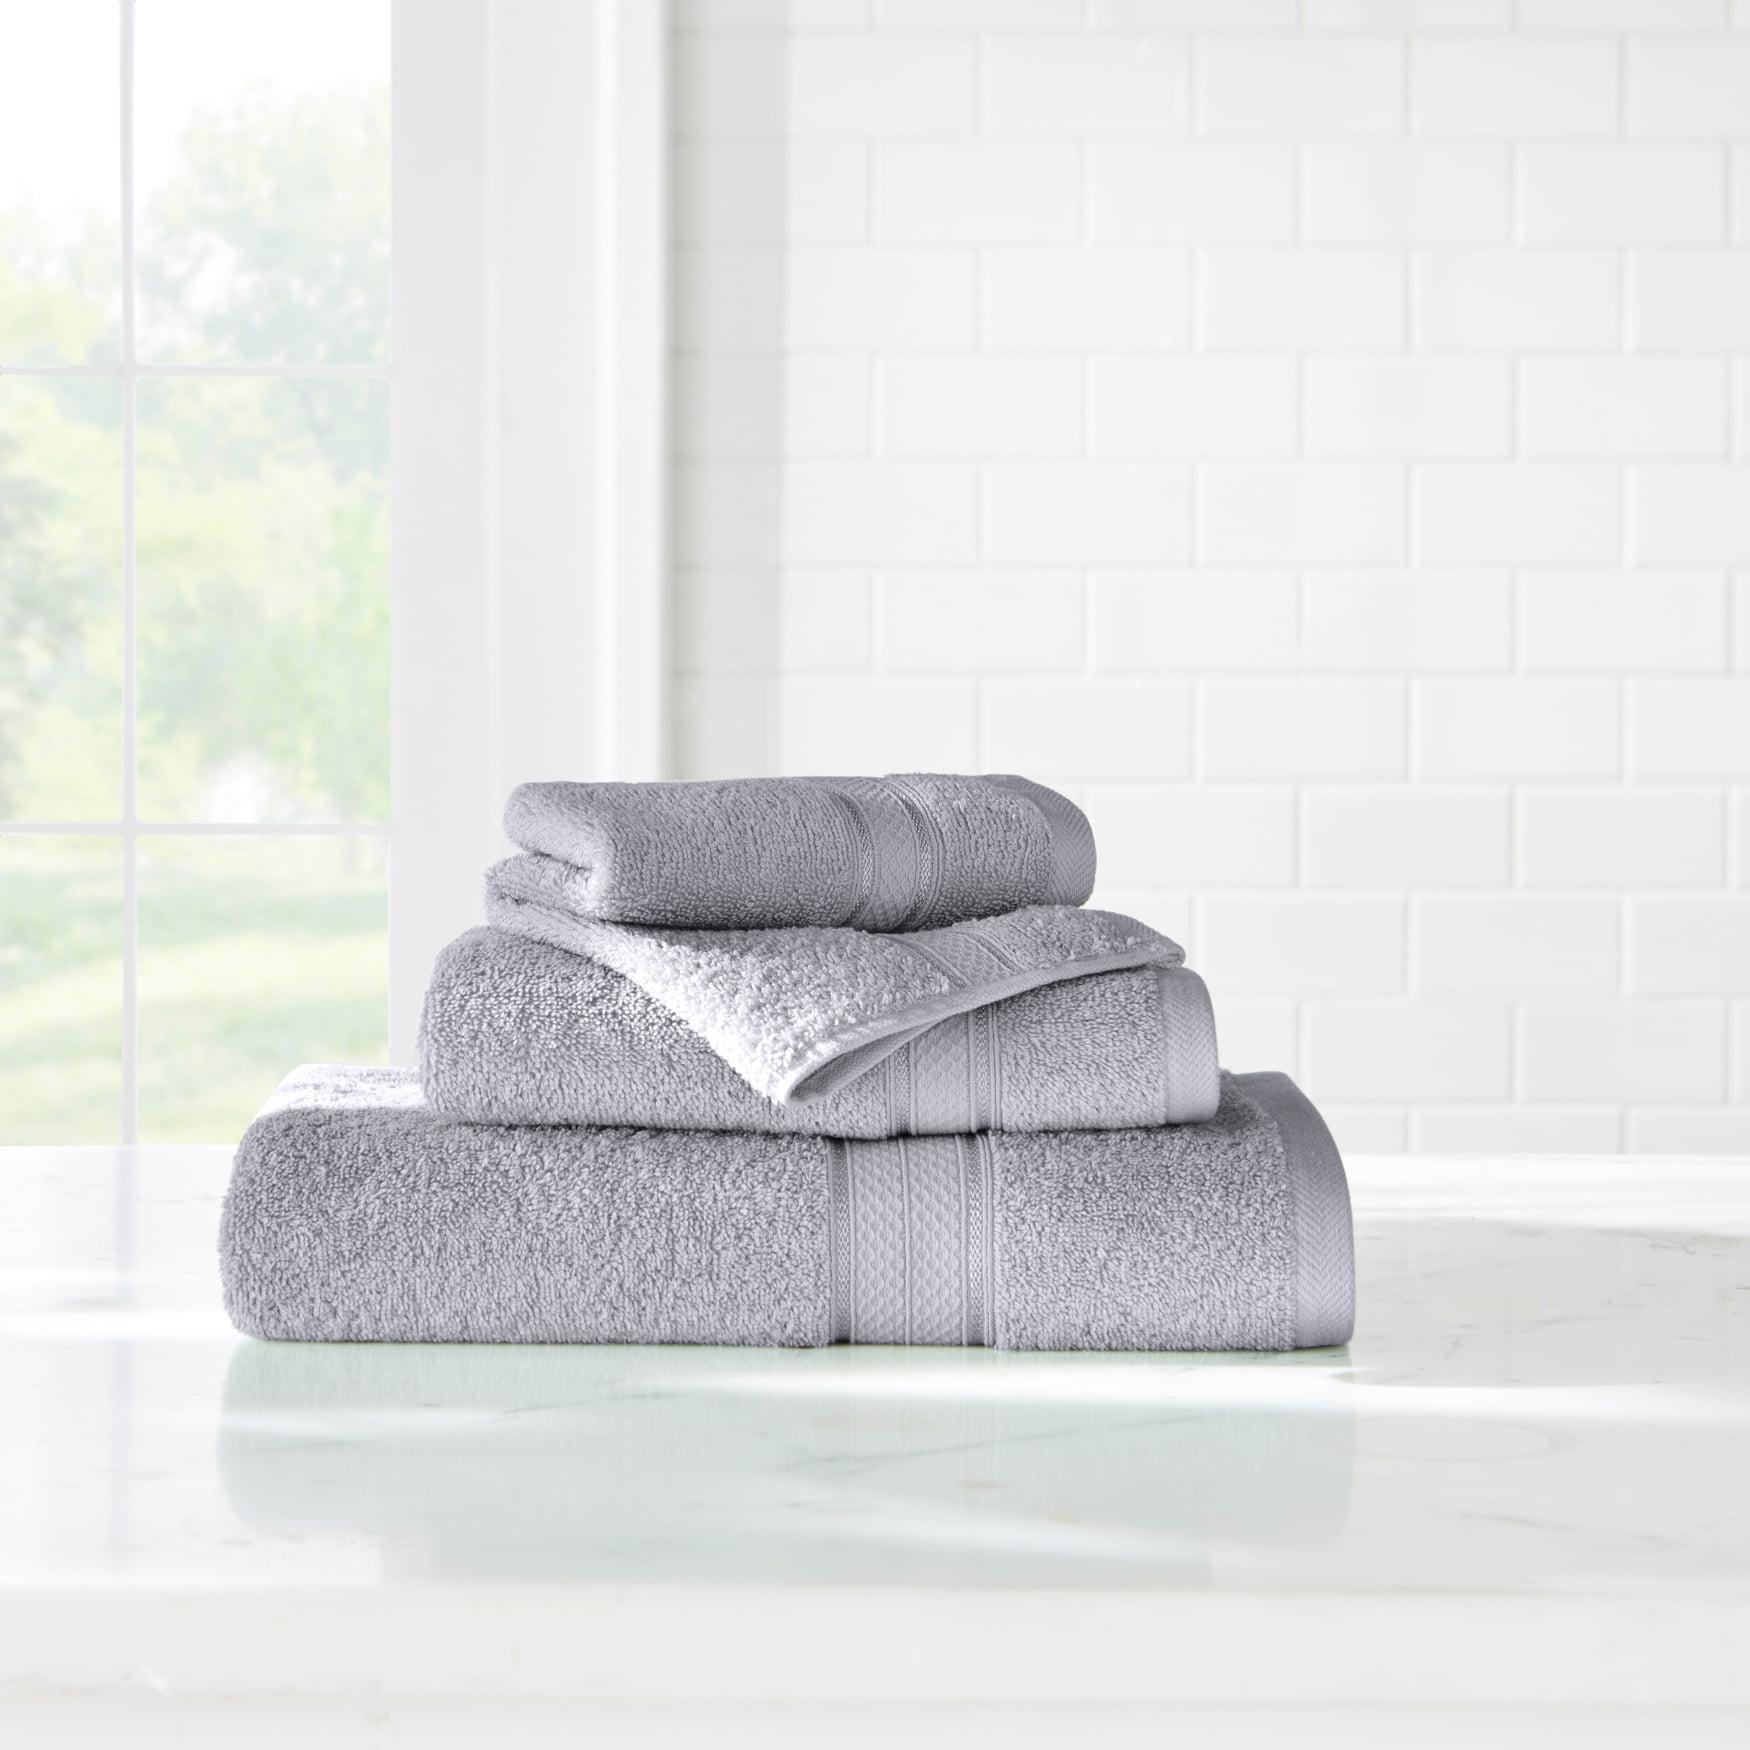 Brylanehome Cannon 3 Pc Towel Set Walmart Com Walmart Com